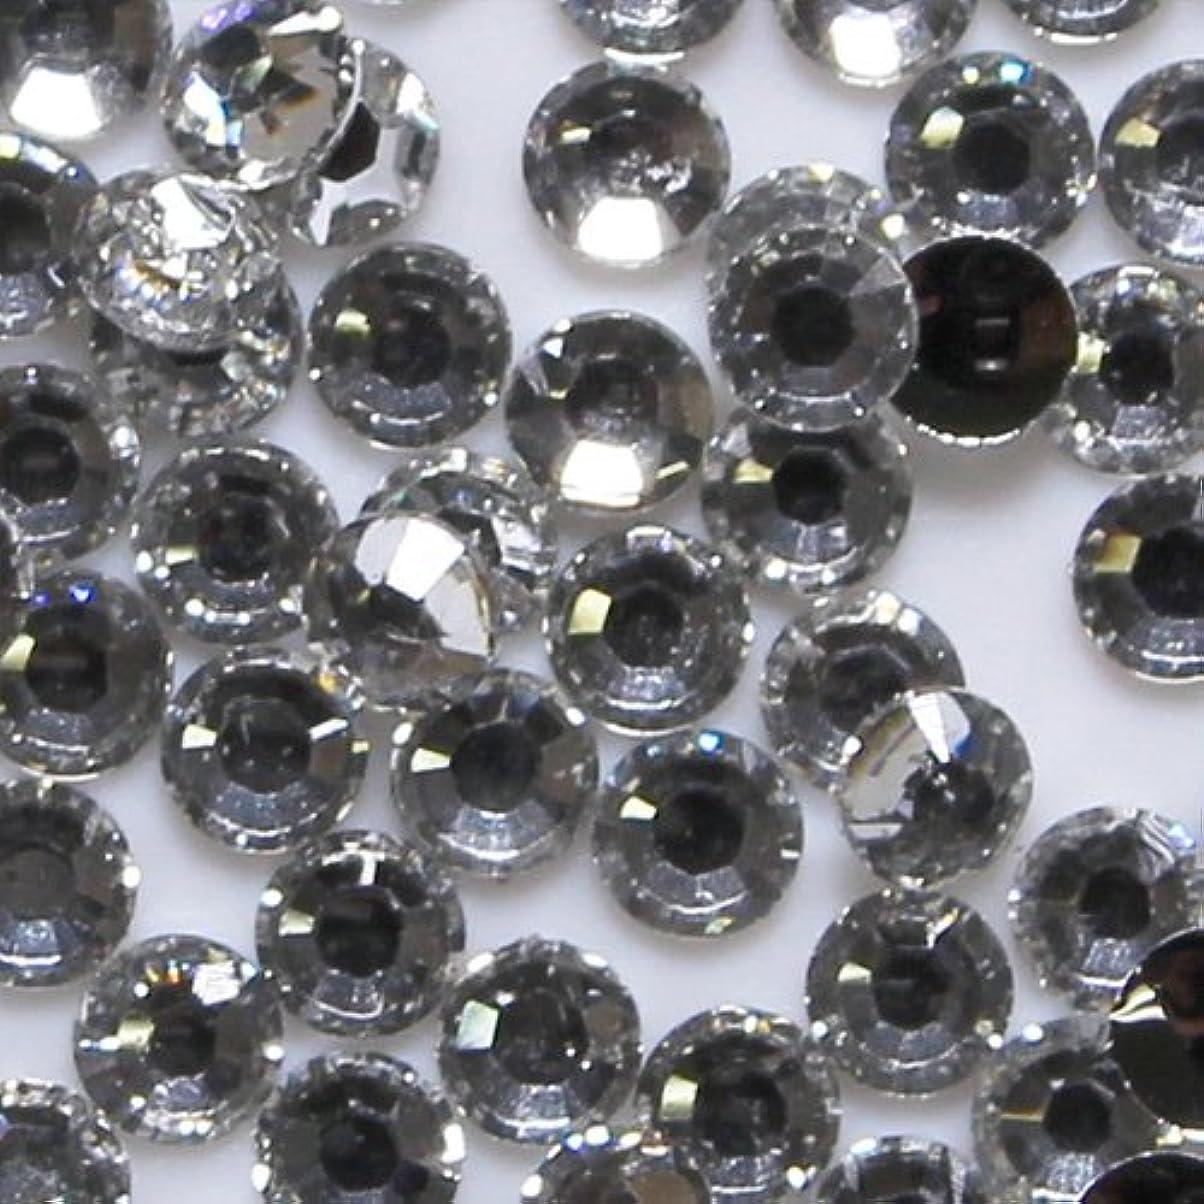 症候群スリット特異性高品質 アクリルストーン ラインストーン ラウンドフラット 約1000粒入り 4mm ダイヤモンド